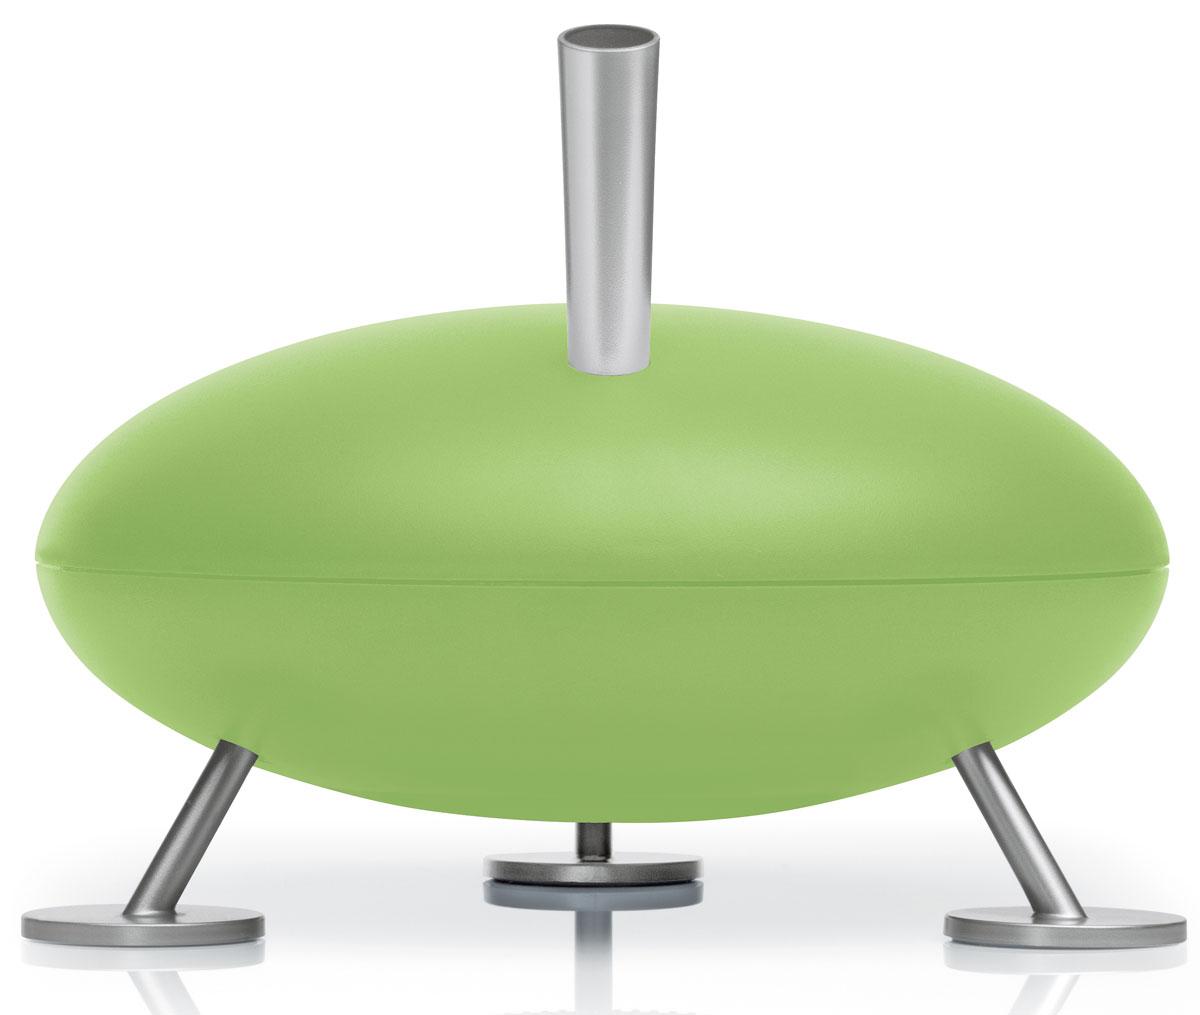 Stadler Form Fred, Lime увлажнитель воздуха0802322005493Сегодня уже ни у кого не вызывает сомнений, что увлажнение воздуха – важная и серьезная составляющая хорошего самочувствия. Воздух в помещении должен быть средой комфортного здорового дыхания, и для простого и эффективного достижения этого условия в городской среде необходимы специальные устройства, такие как увлажнитель Fred от Stadler Form.Являясь увлажнителем парового типа, Fred обеспечивает производительность до 340 мл/час, достаточную для интенсивного воздухообмена в помещениях площадью 40 м2. Емкость бака рассчитана на 3,7 литра воды, что позволяет эксплуатировать Fred без долива воды в течение десяти и более часов. Он не требует пристального внимания, и вы можете быть совершенно уверены в его надежности и безопасности – в случае отсутствия воды в баке Fred отключится автоматически. Заданный уровень влажности в помещении легко и точно поддерживается в автоматическом режиме благодаря наличию вынесенного гигростата. Ну, и помимо своих превосходных технических характеристик, он такой симпатяга! Не ругайте своих детей, если они нарисуют на нем фломастерами смайлы или ваш портрет – Fred к этому располагает.